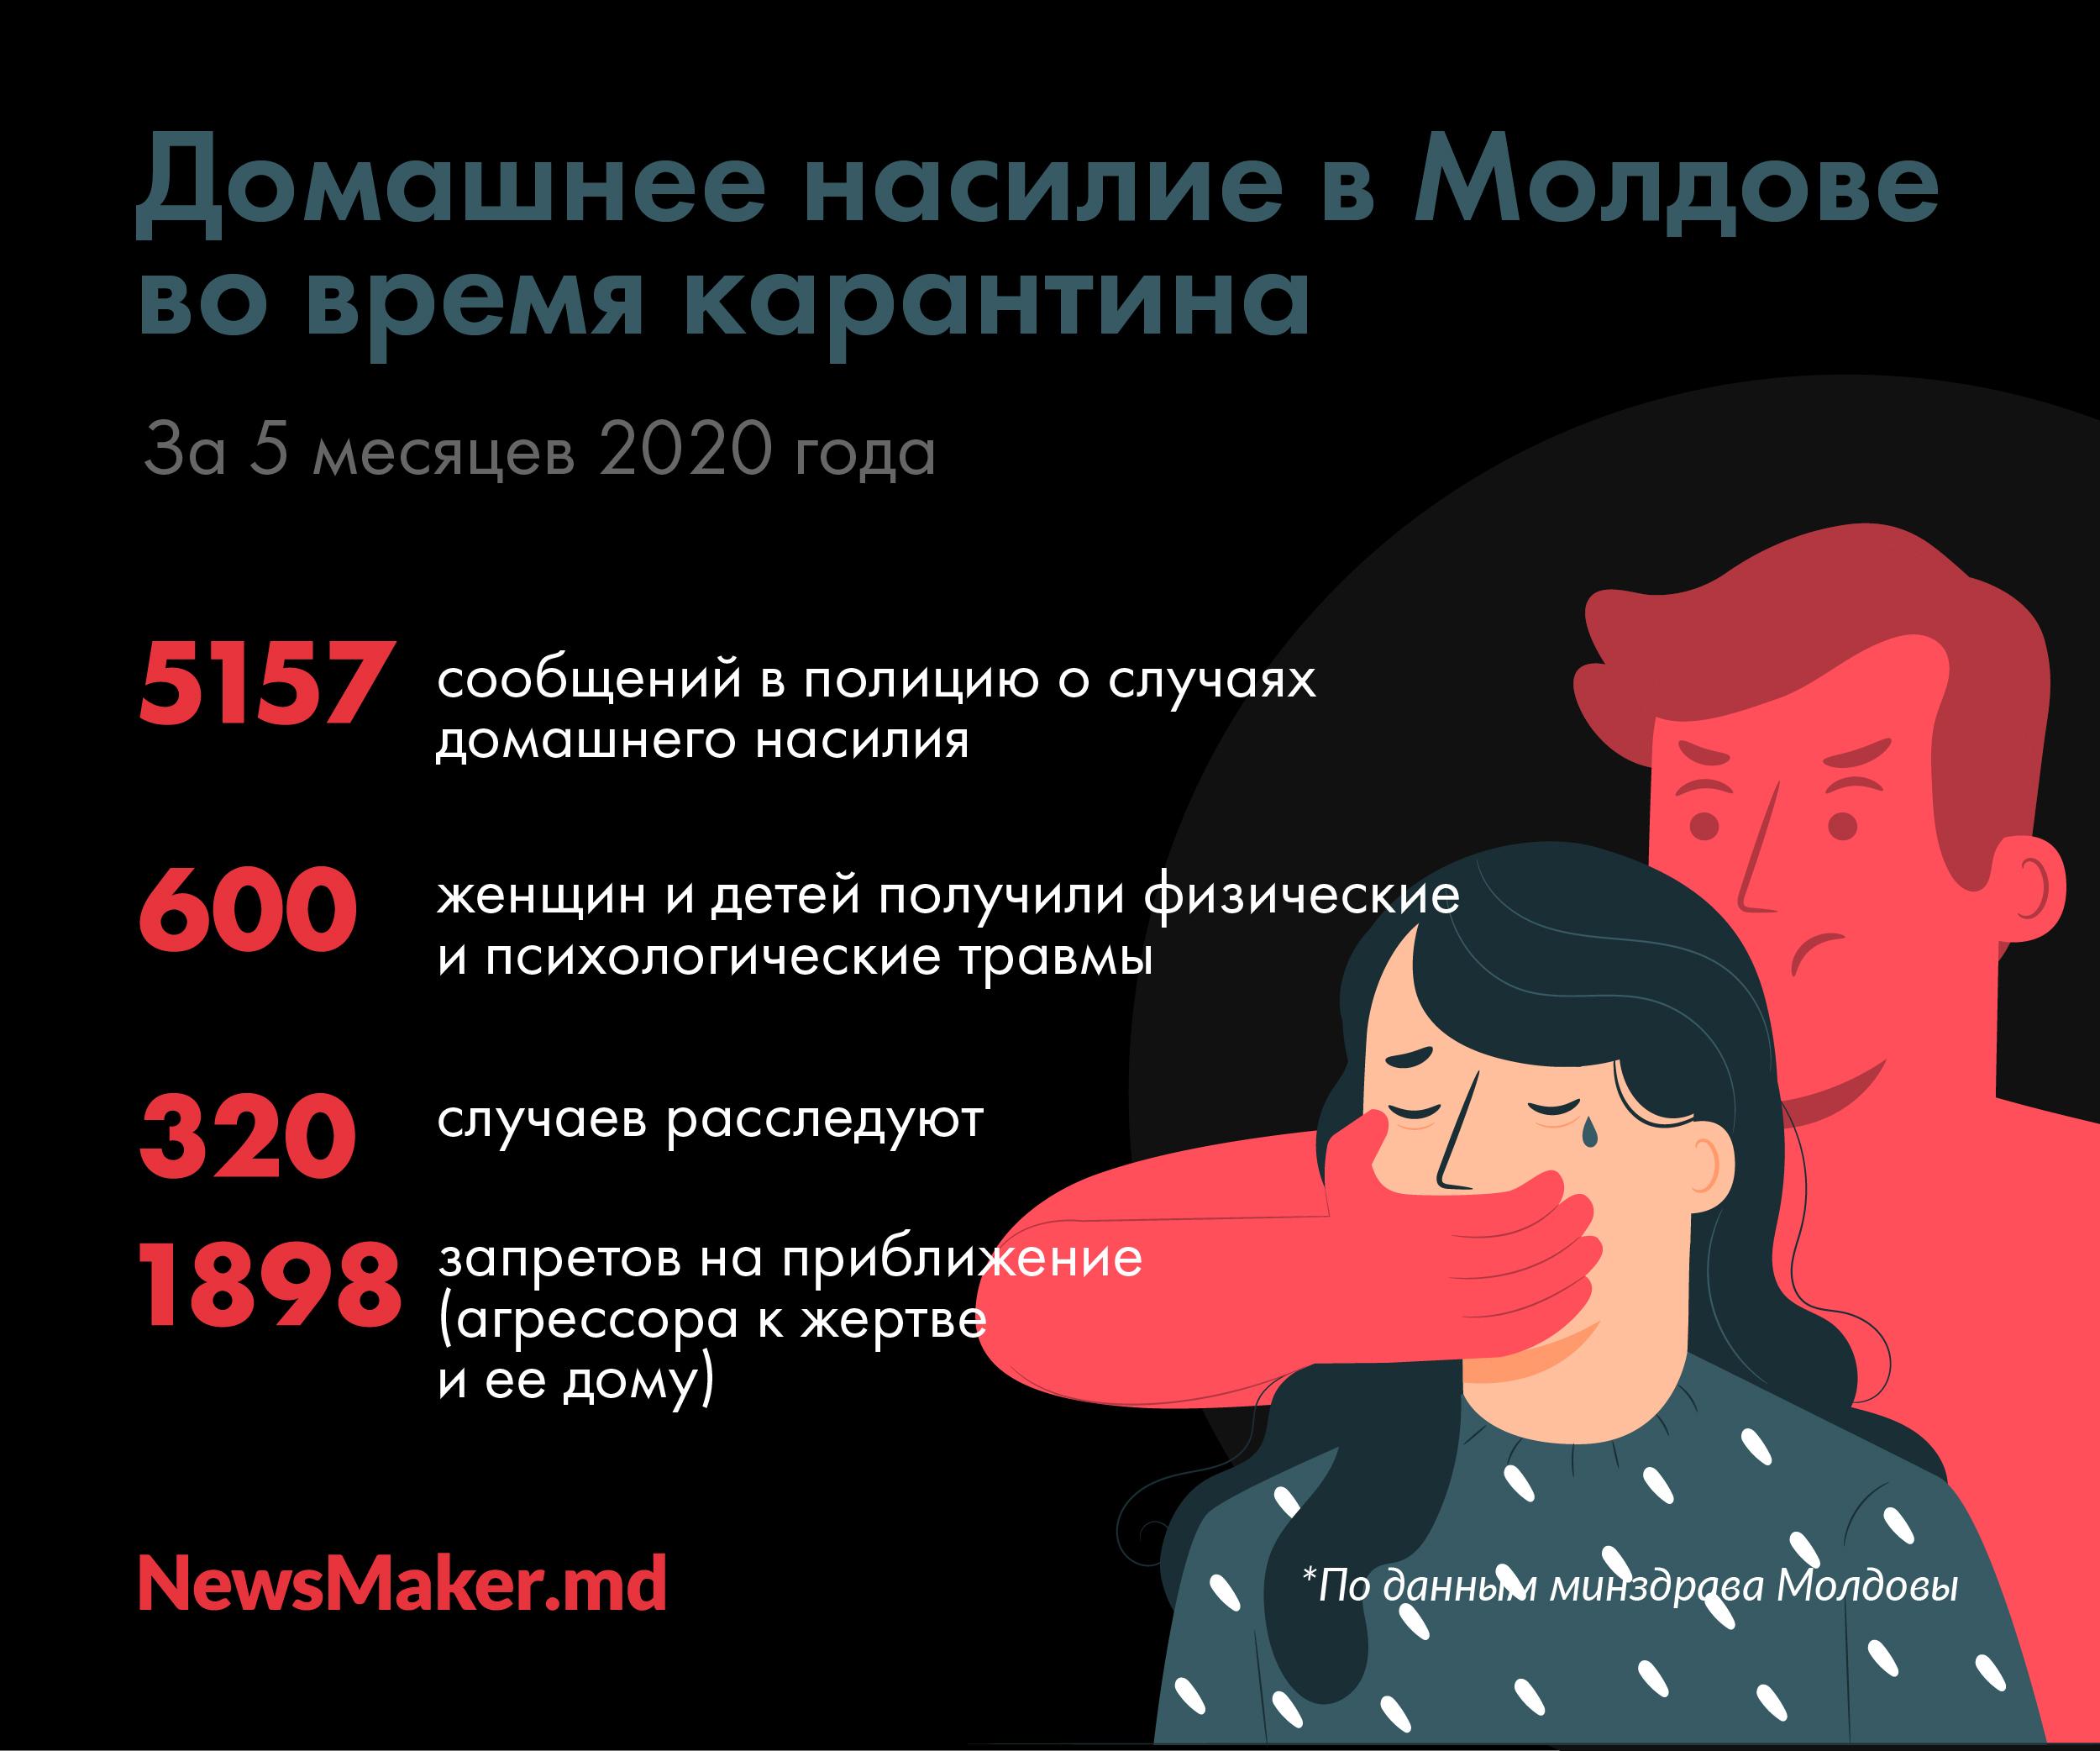 «Женщина, вынеадекватная». Как «спасают» жертв домашнего насилия вМолдове